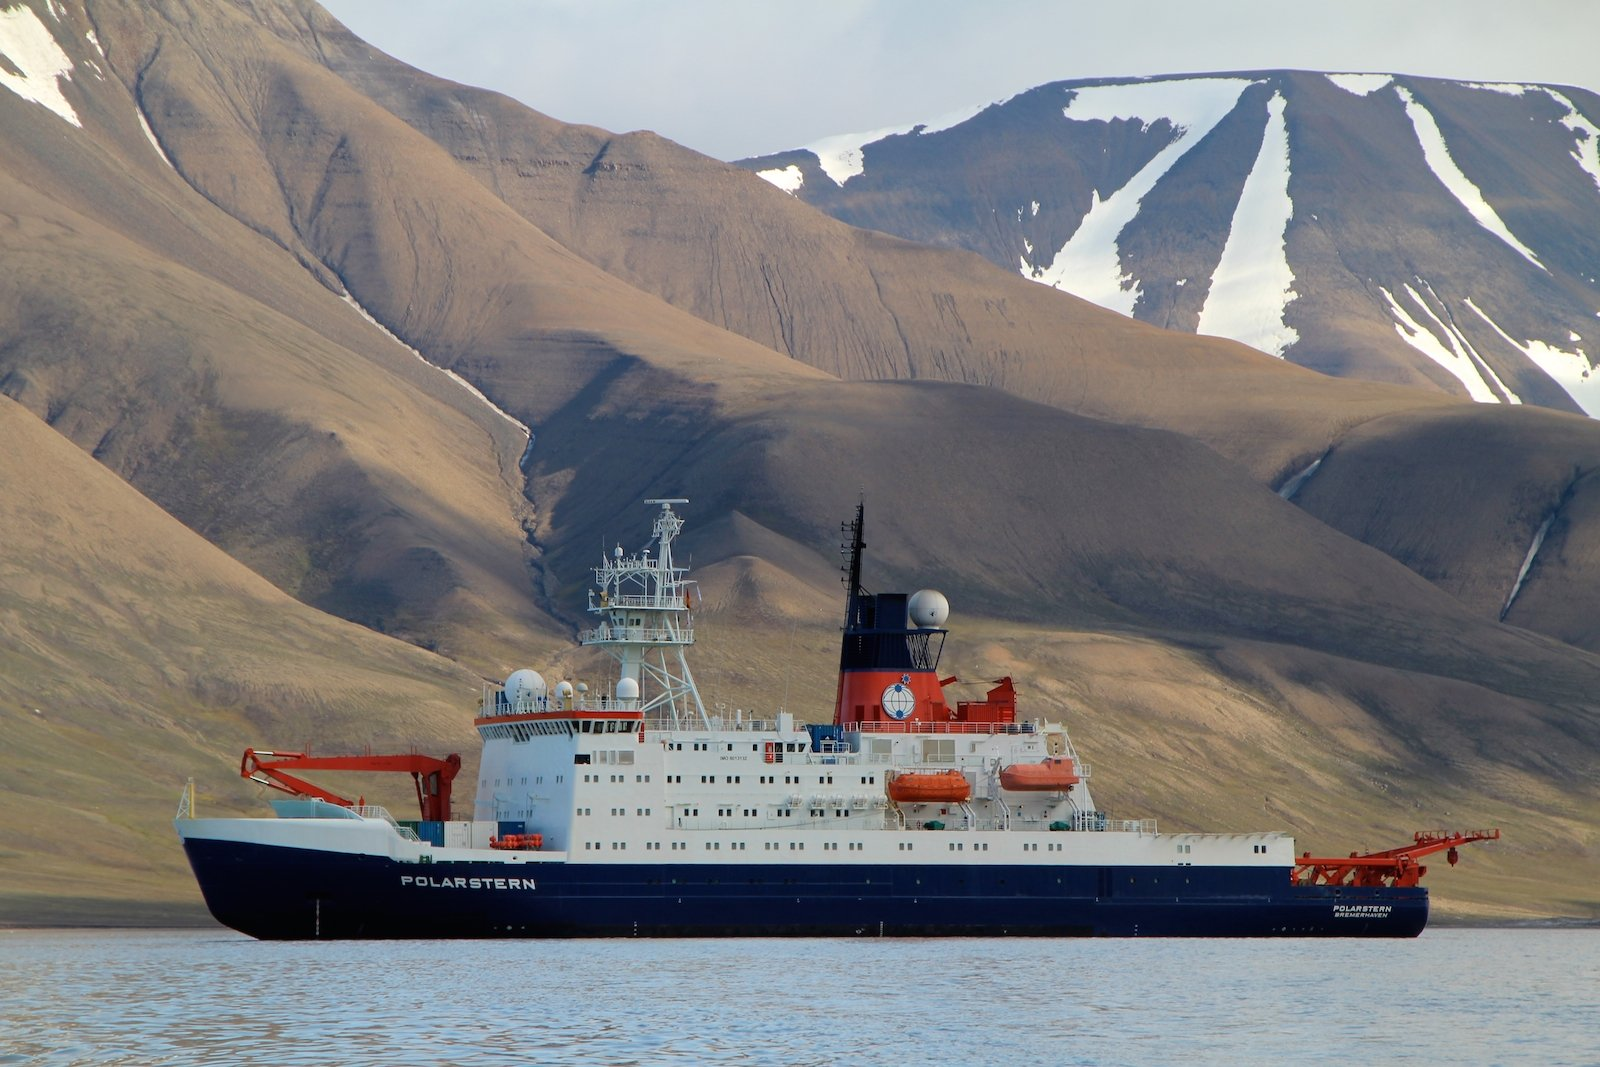 Das Forschungsschiff Polarstern ist im Sommer meistens in der Arktis unterwegs.